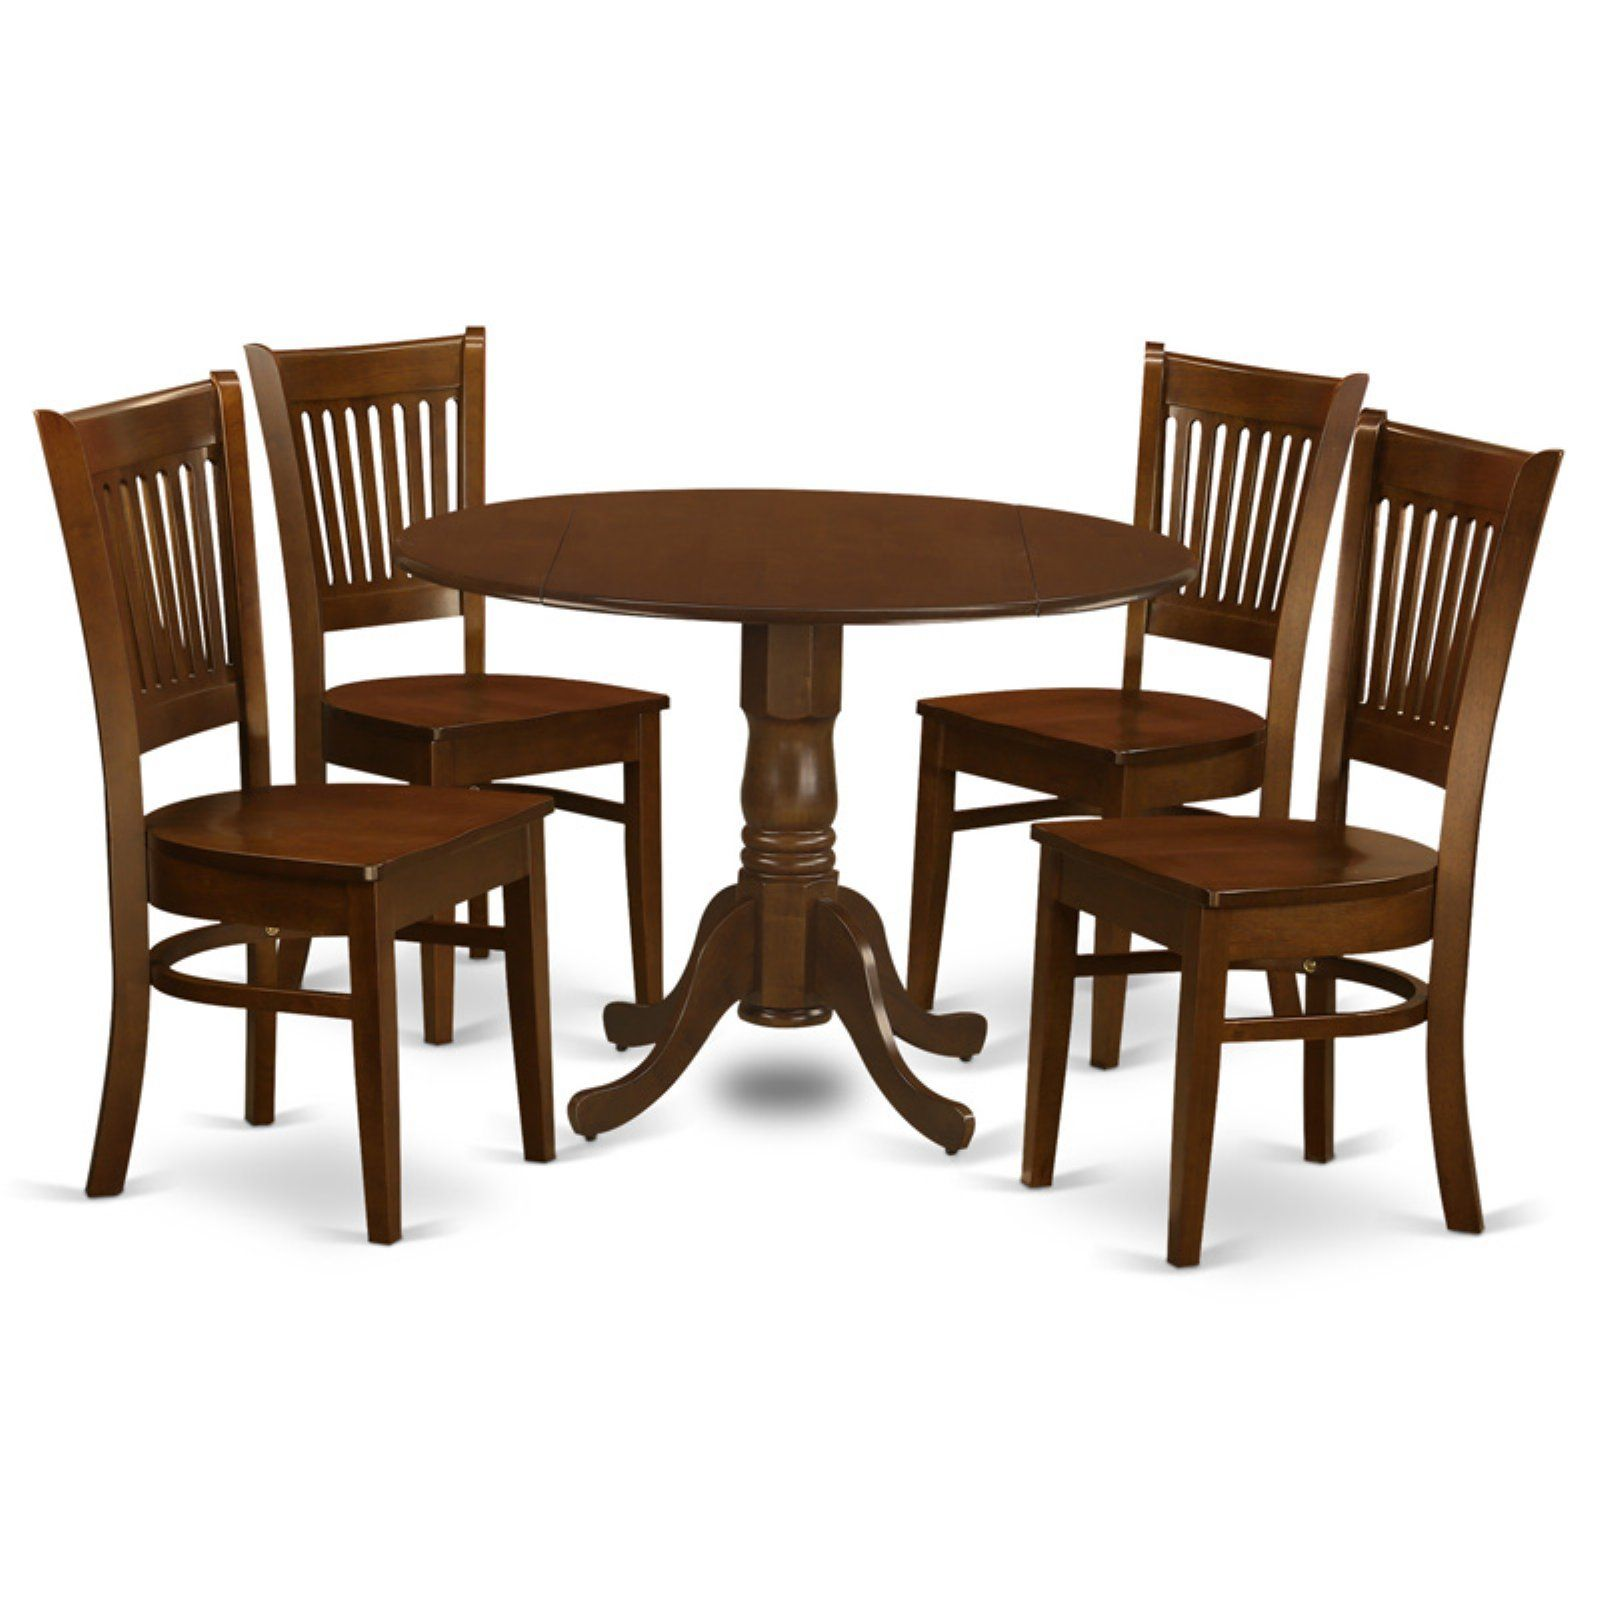 East West Furniture 5 Piece Hepplewhite Modern Drop Leaf Dinette